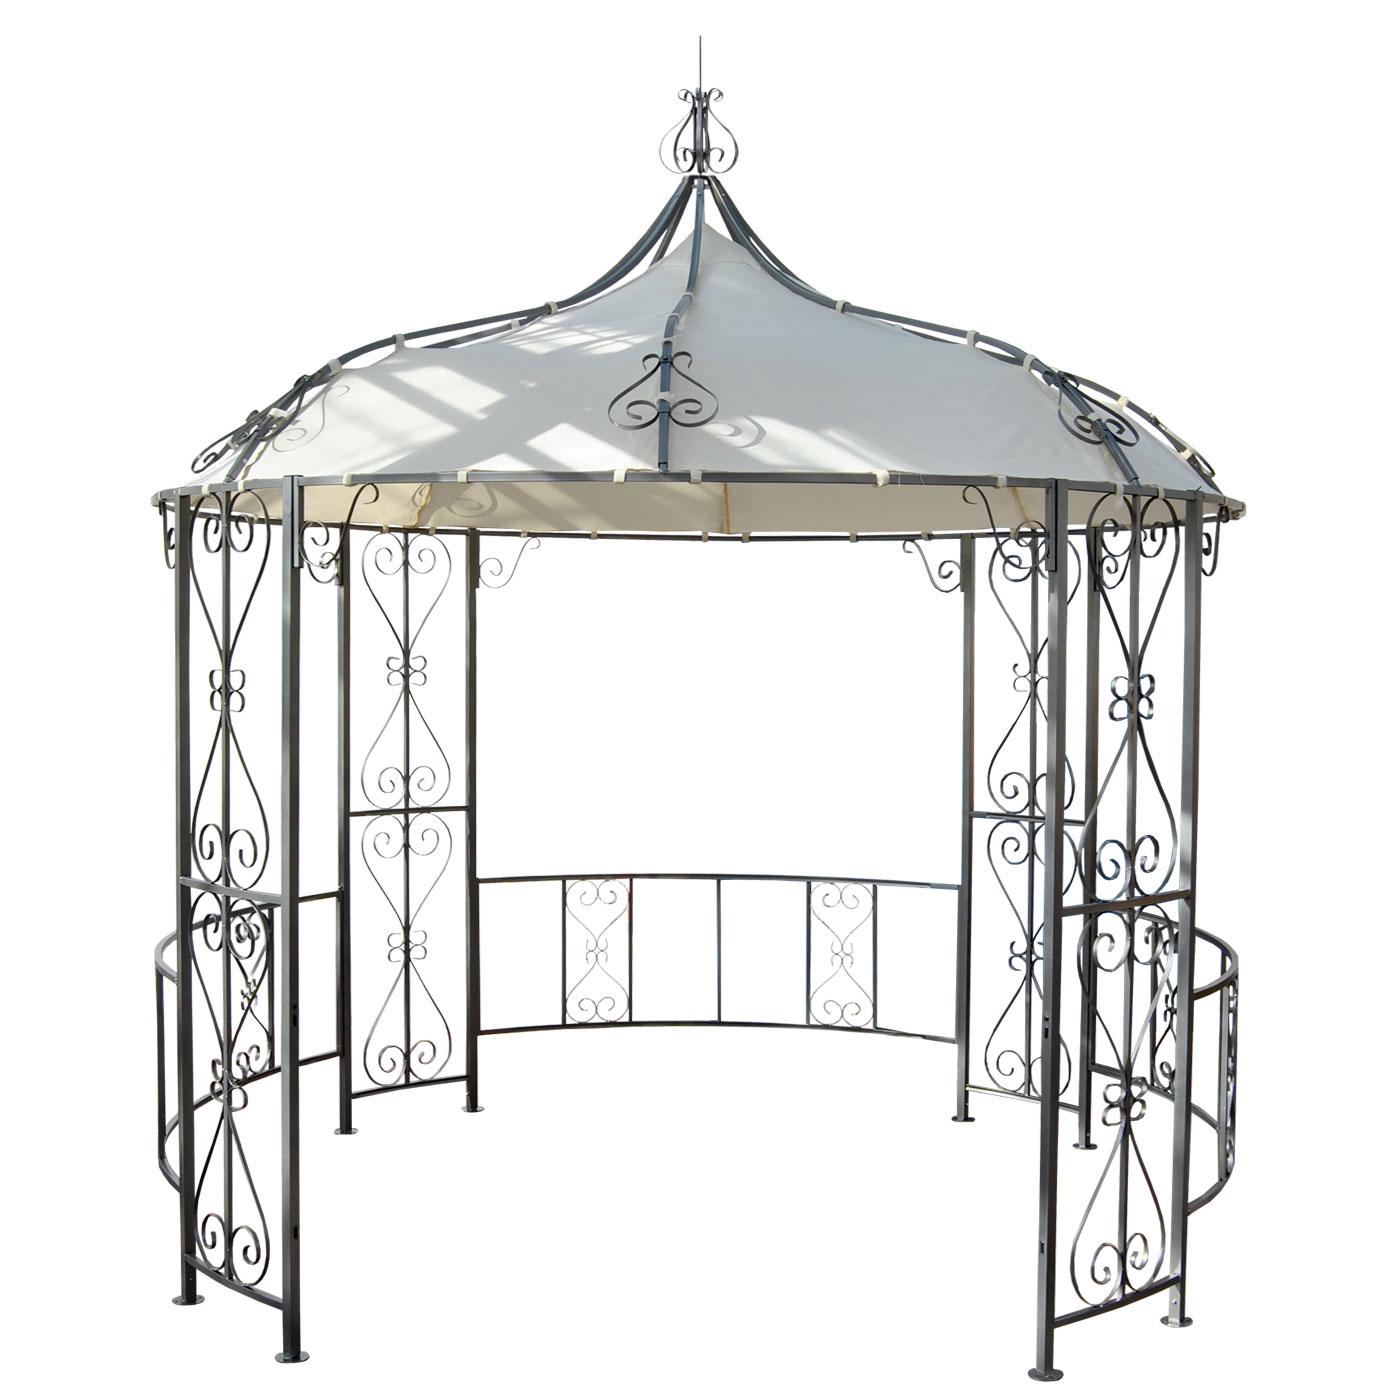 Full Size of Pavillon Rund Holz Selber Bauen Ersatzdach 3 5m Glasdach 4m Metall 6m Kaufen 3m Pergola Almeria Marokko Rundreise Und Baden Runder Esstisch Garten Halbrundes Wohnzimmer Pavillon Rund